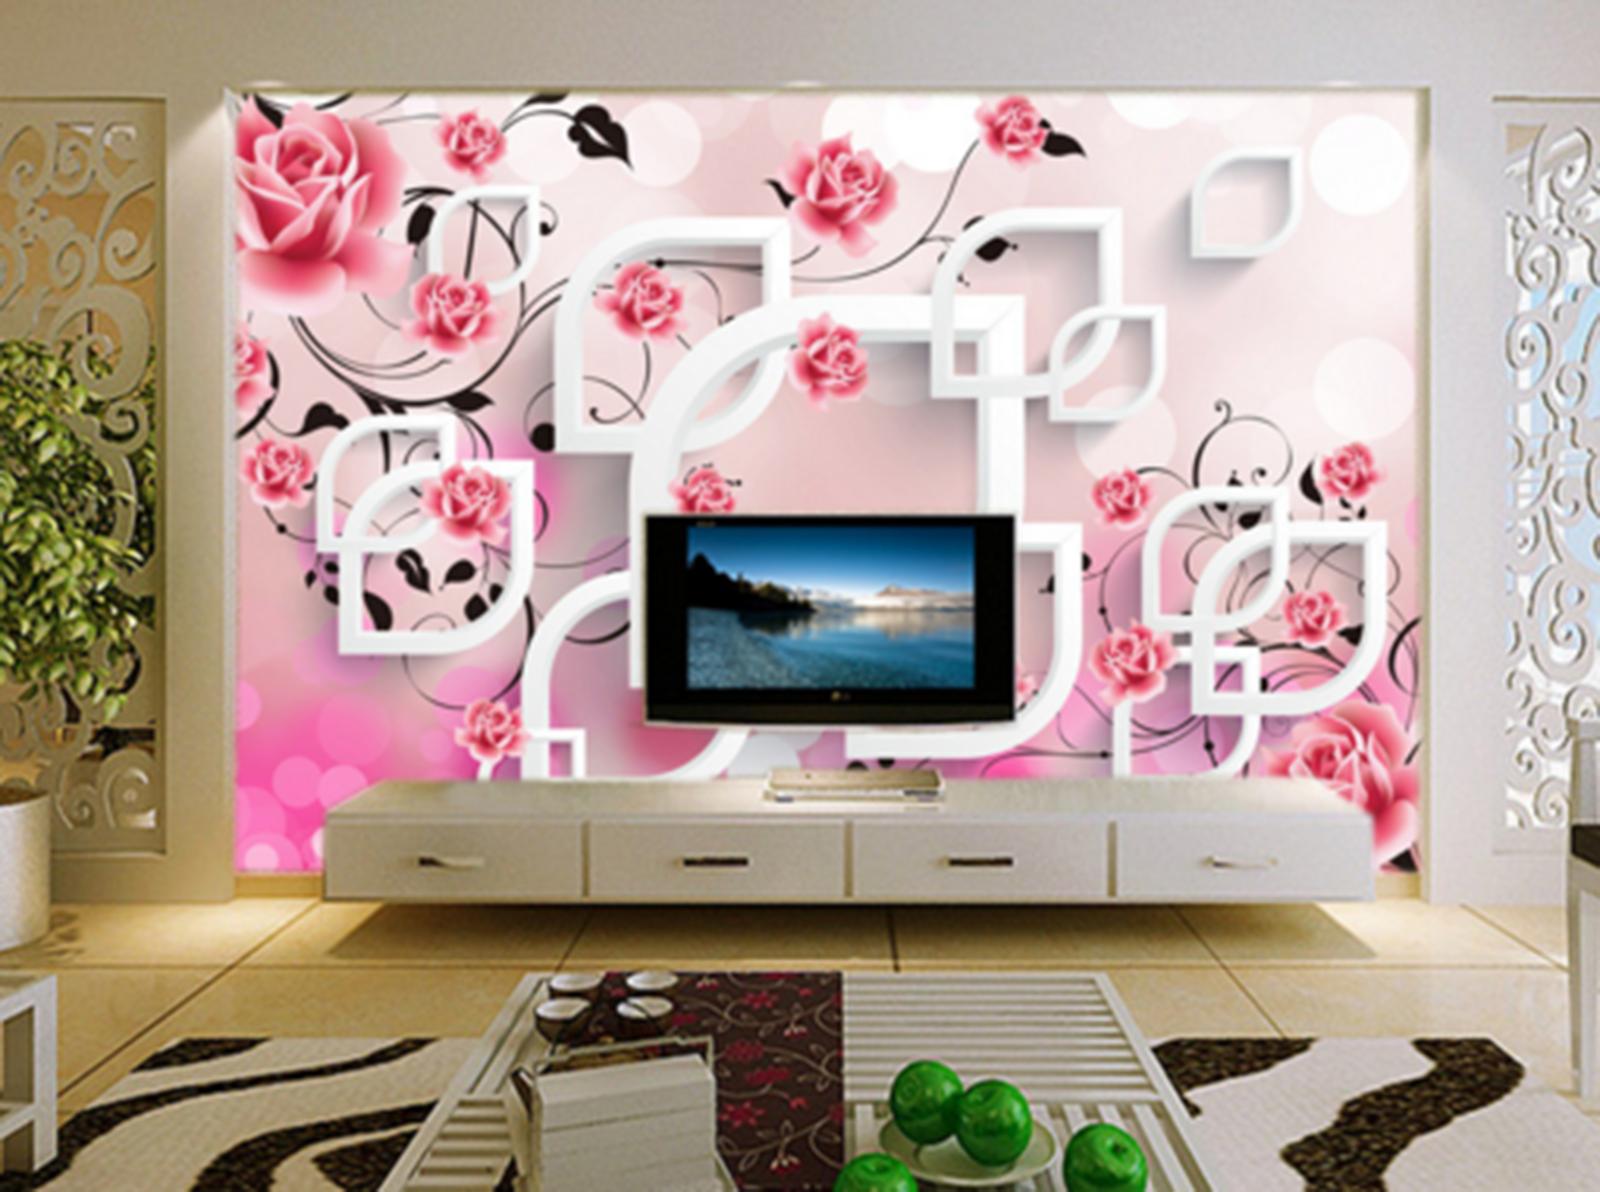 3D 3D 3D Grid Weiß 455 Wallpaper Murals Wall Print Wallpaper Mural AJ WALL AU Kyra aa9f10